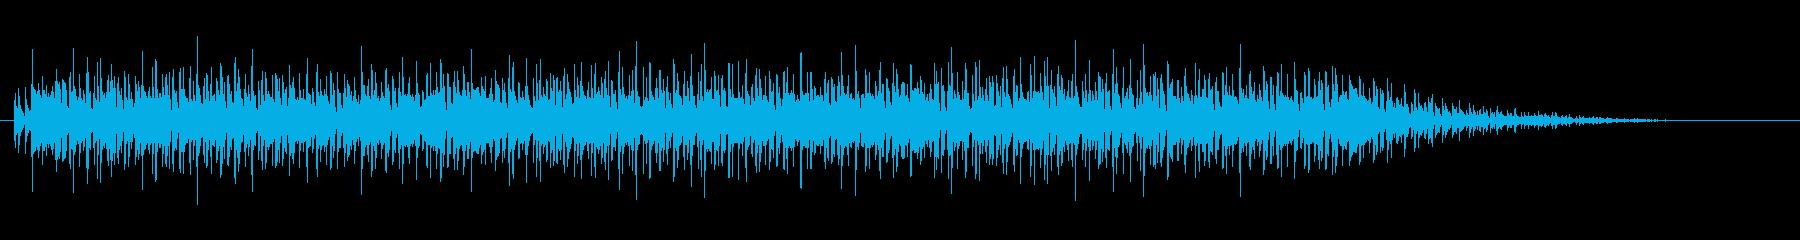 わくわく楽しいサンバ・ミュージックの再生済みの波形